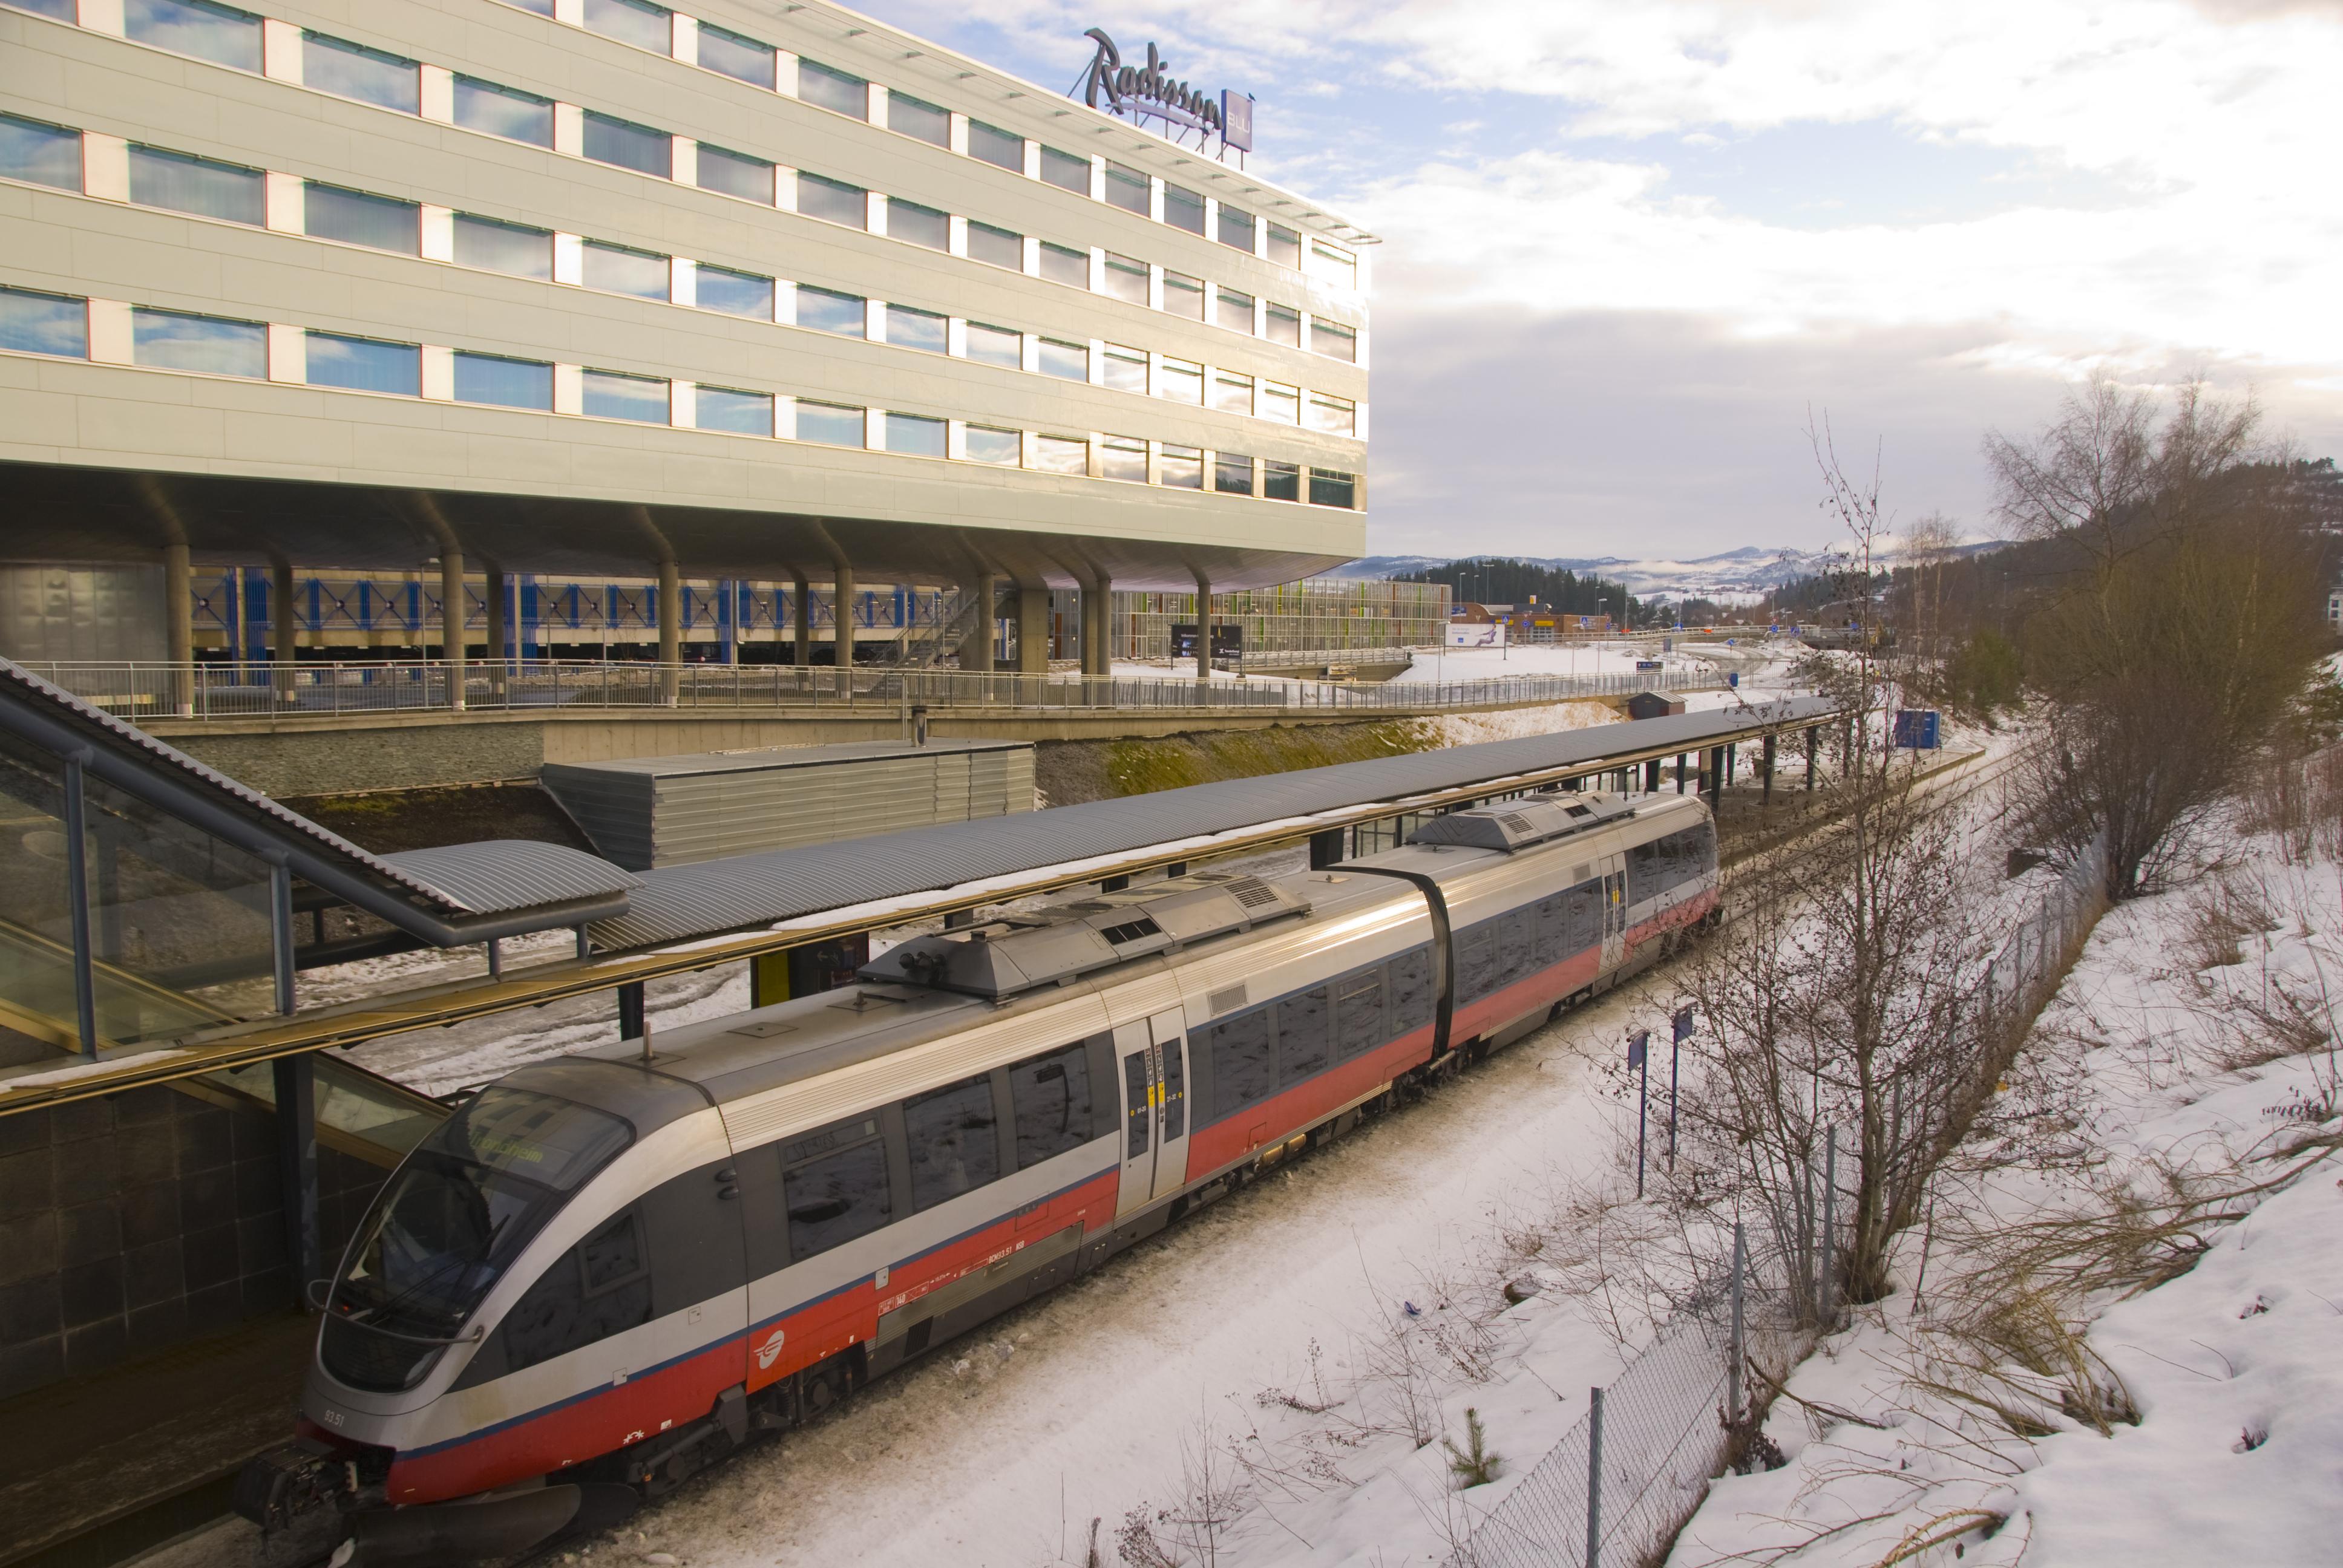 Værnes Station (Trondheim Lufthavn)